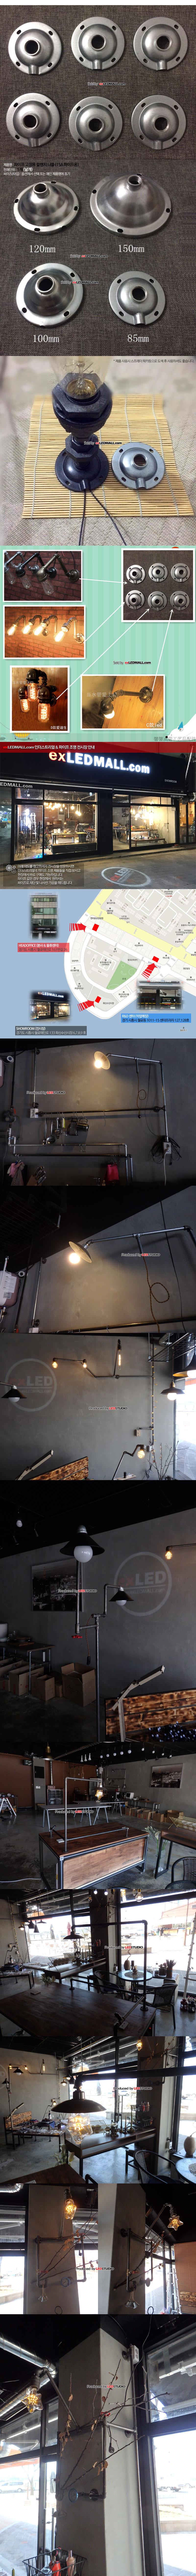 빈티지 인테리어  DIY용 파이프 플랜지 니플 (파이프 고정) 15A - 150mm